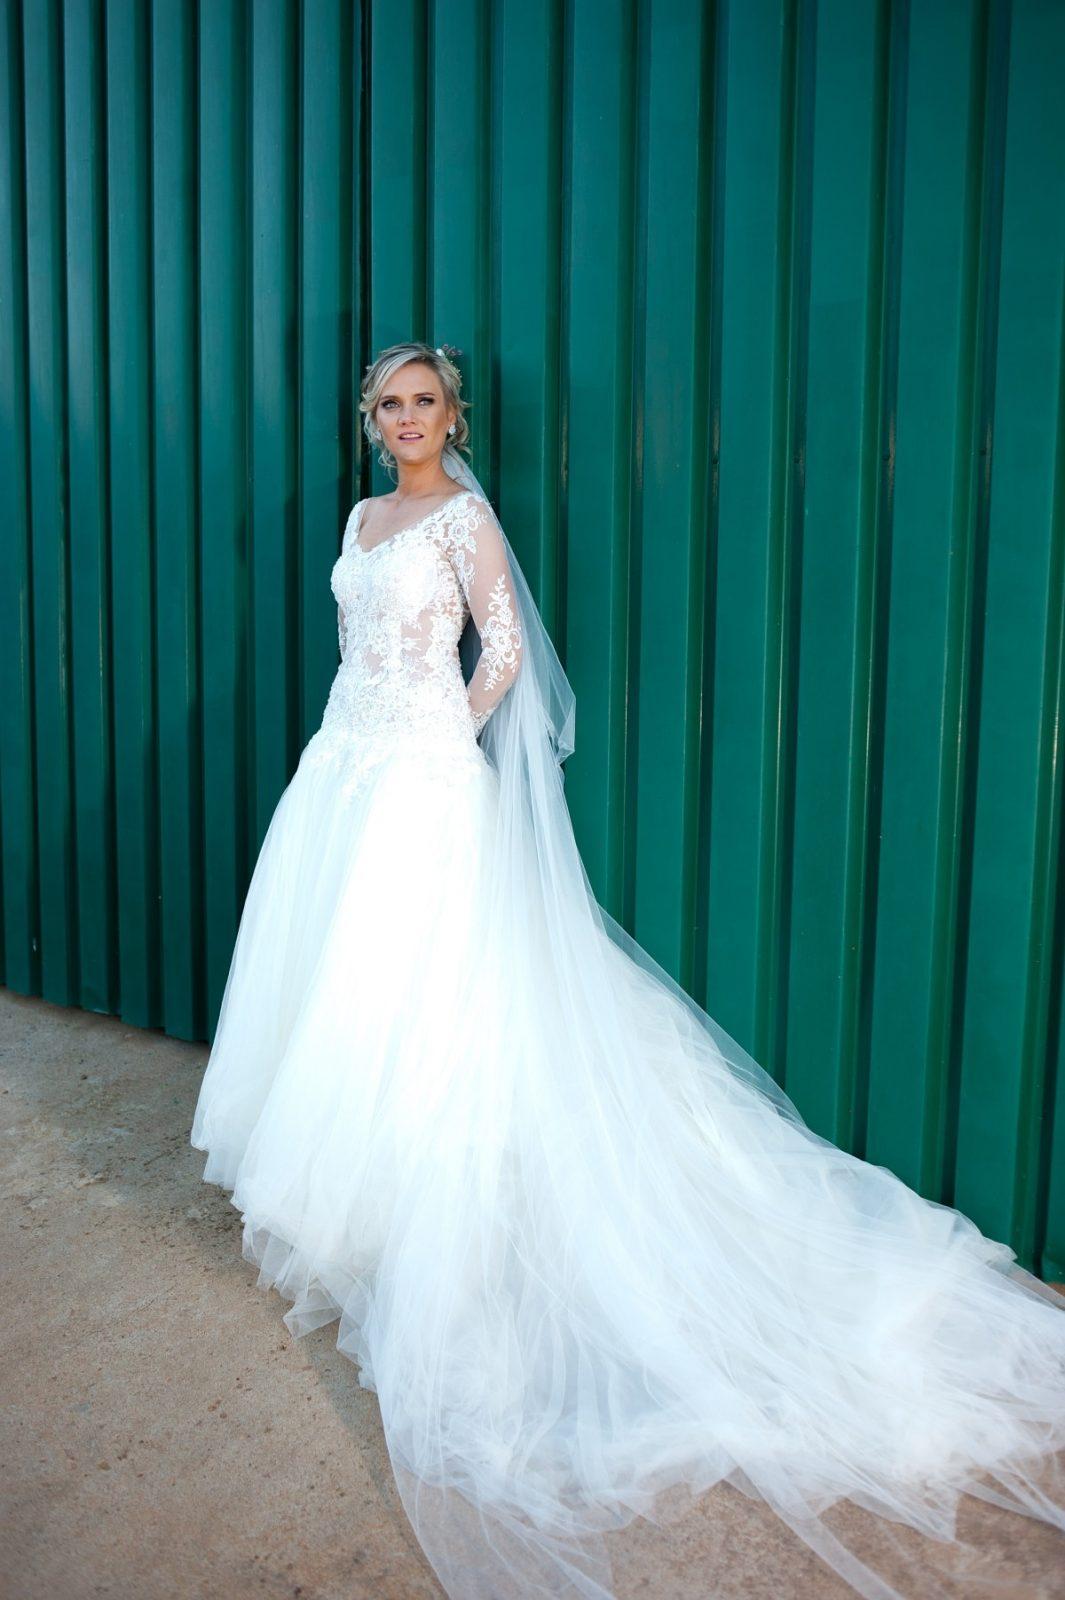 Stephanie van Niekerk's Wedding Dress designed by Alana van Heerden Wedding Gowns